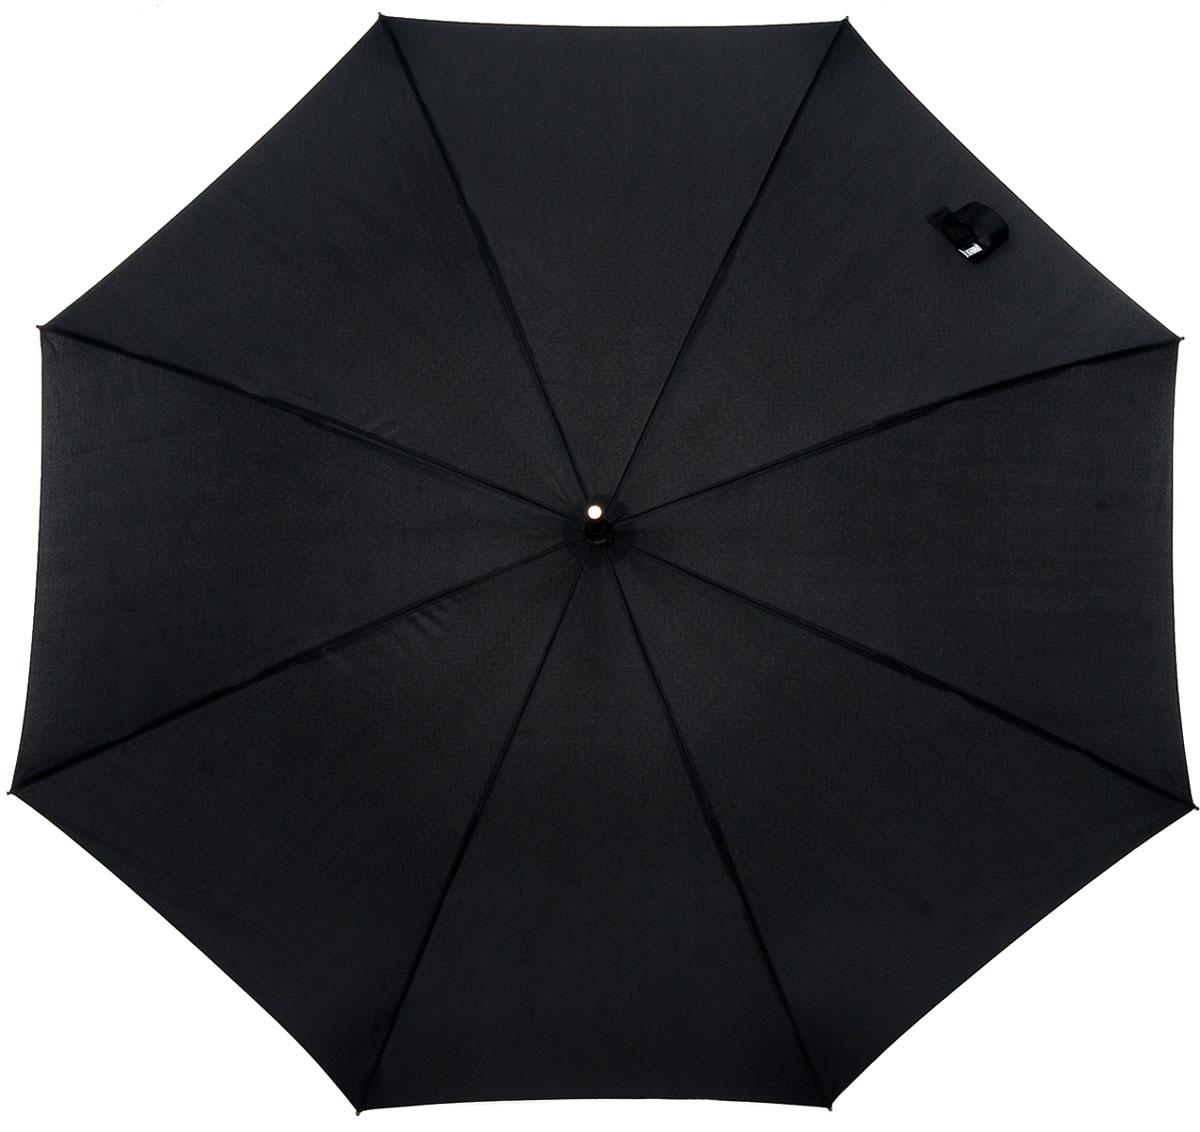 Зонт-трость Vogue, цвет: черный. 555 V555 VЭлегантный зонт-трость Vogue черного цвета идеально подойдет представителю сильного пола. Каркас зонта выполнен из восьми металлических спиц, удобная закругленная рукоятка - покрыта кожзаменителем. Применение в производстве каркаса зонта современных материалов уменьшает его вес и гарантирует надежность и качество. Структура материала купола обладает водо-, масло-, грязеотталкивающими свойствами при сохранении всех природных характеристик материалов. Зонт имеет полуавтоматический механизм складывания-раскладывания: купол открывается путем нажатия кнопки на рукоятке; складывается зонт вручную до характерного щелчка. Характеристики: Материал: металл, кожзаменитель, полиэстер, пластик. Цвет: черный. Производитель: Испания. Изготовитель: Китай. Артикул: 555 V.